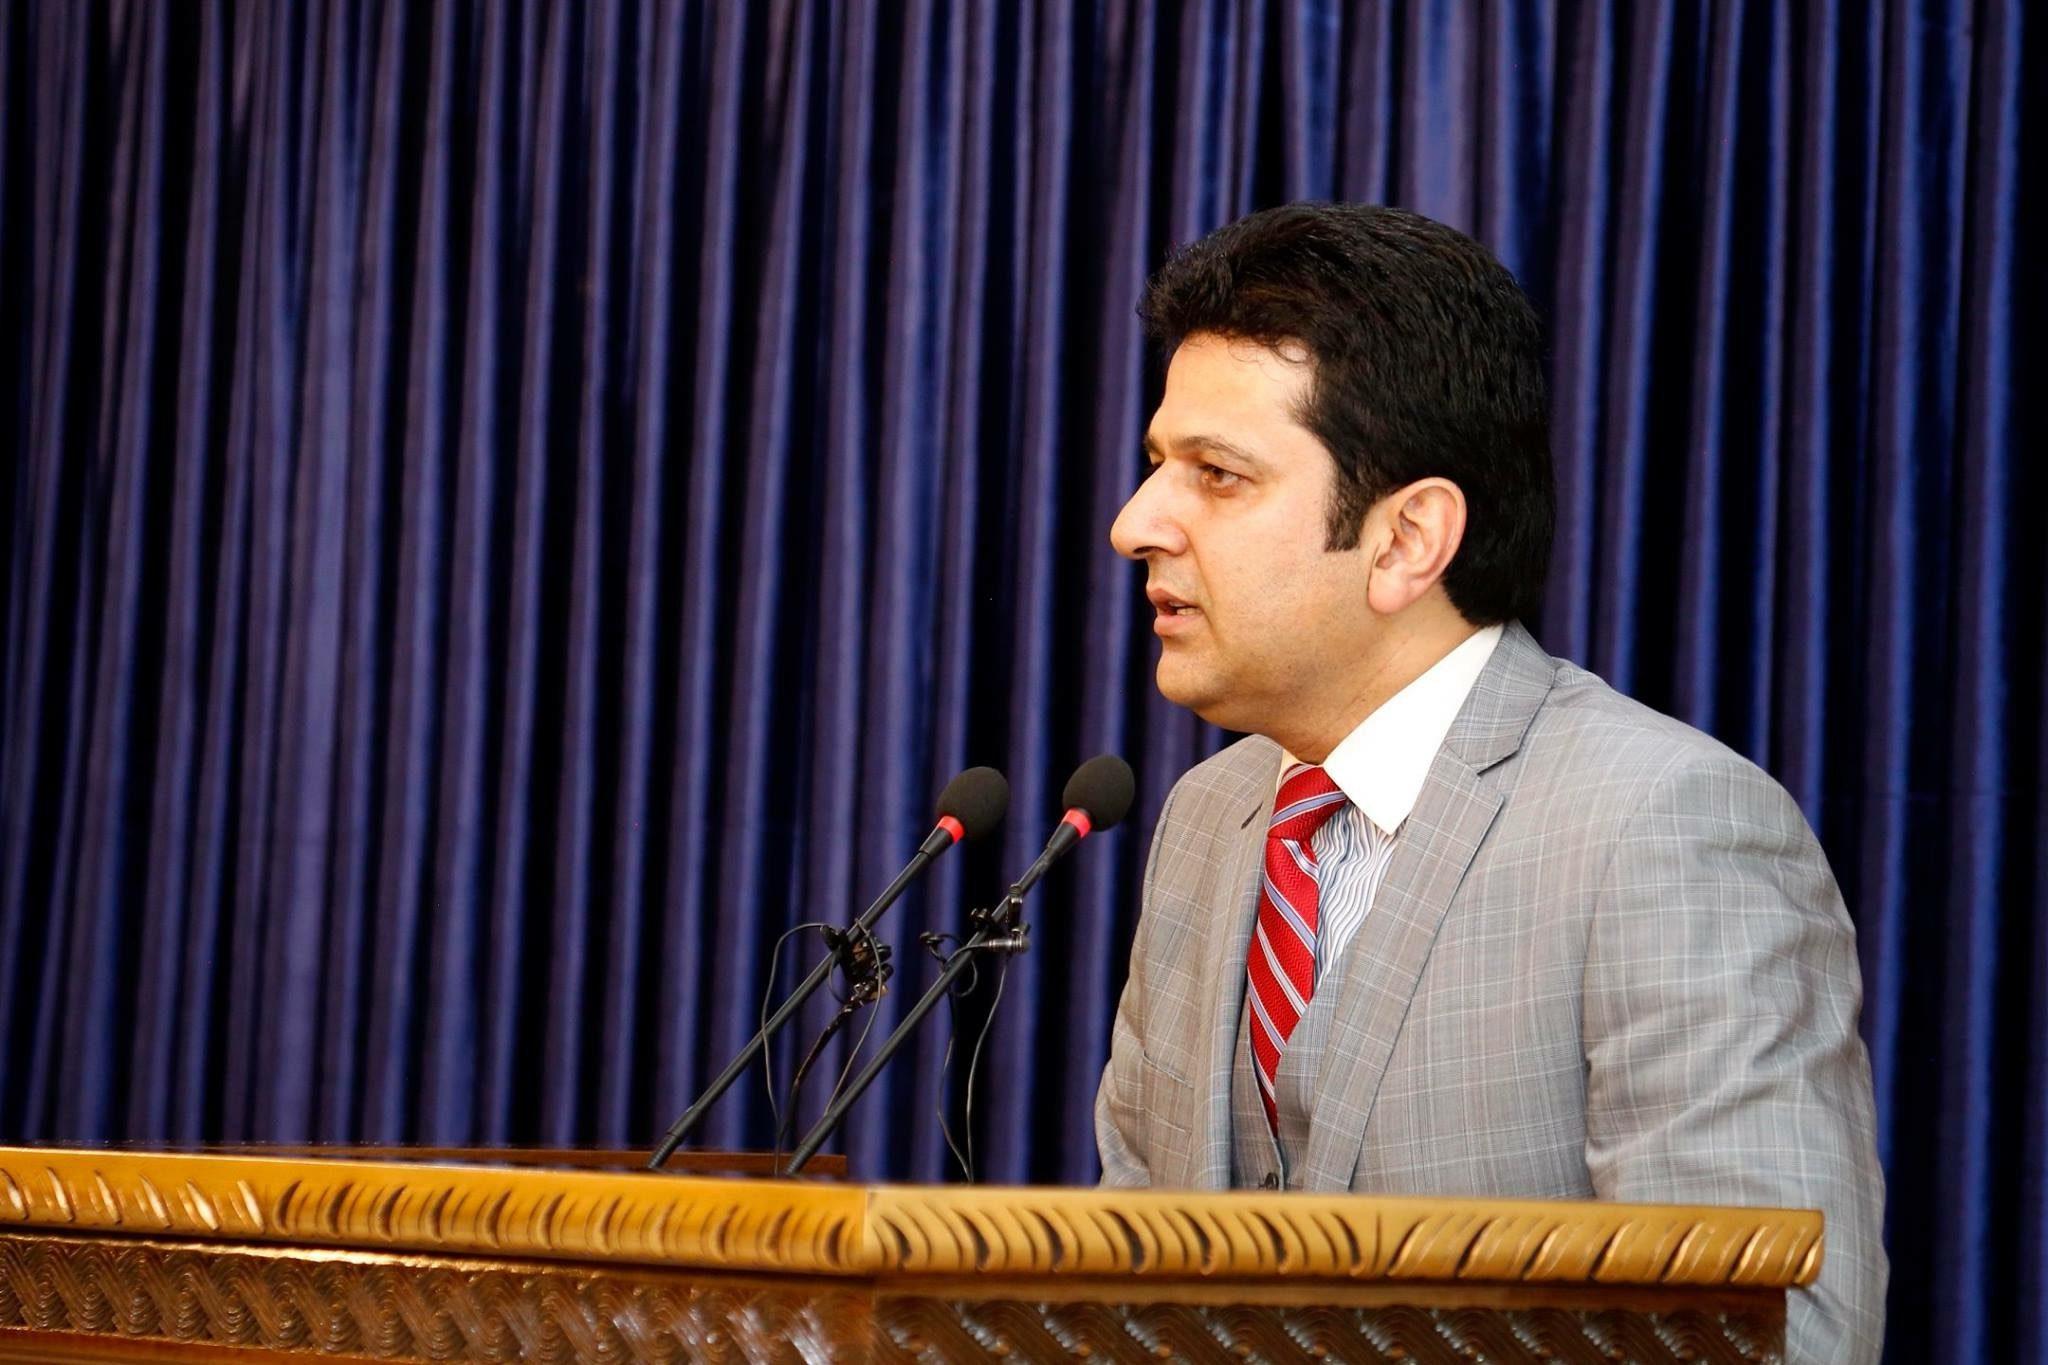 نشست خبری (۱) دکتور مجیب الرحمن رحیمی سخنگوی ریاست اجرائیه